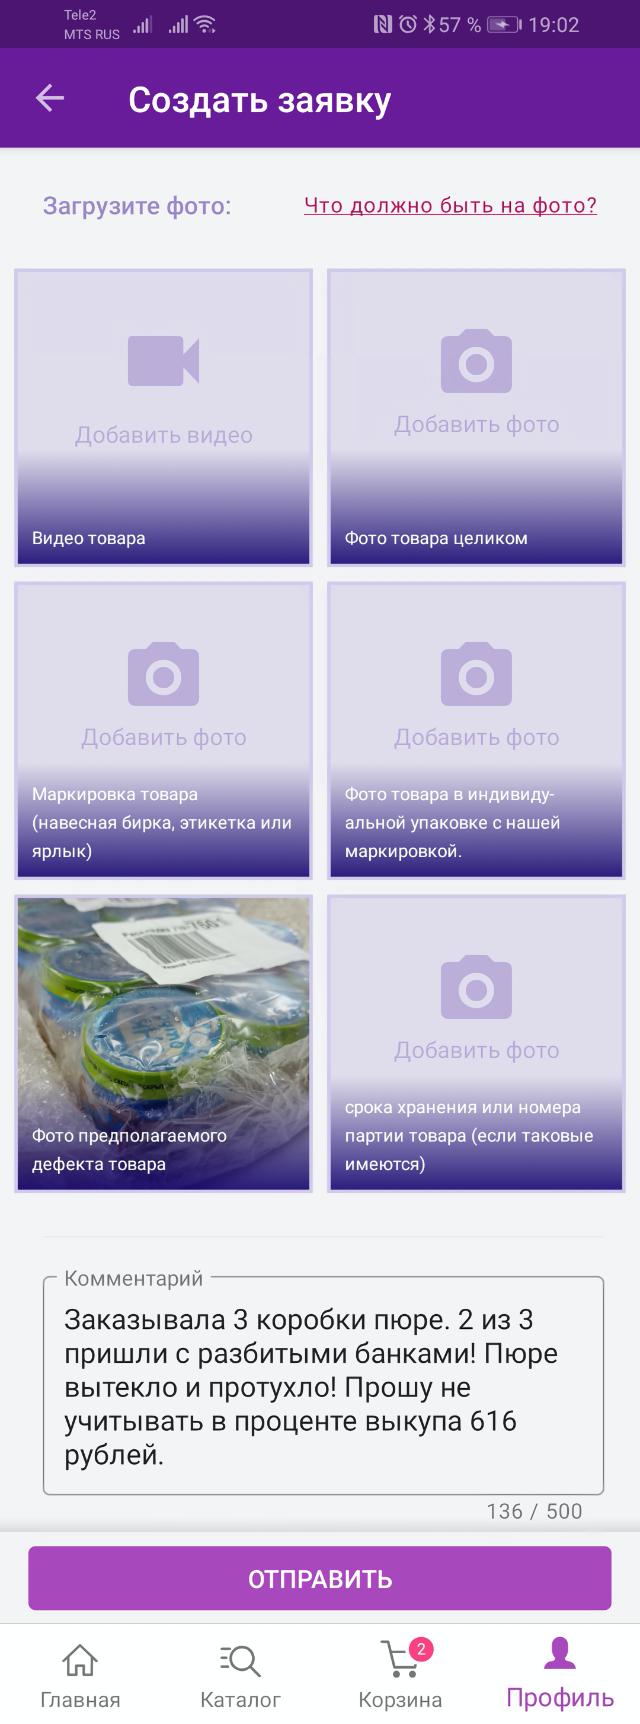 К заявке о проверке товара я прикрепляю фото или видео. На них видны дефекты и маркировка магазина